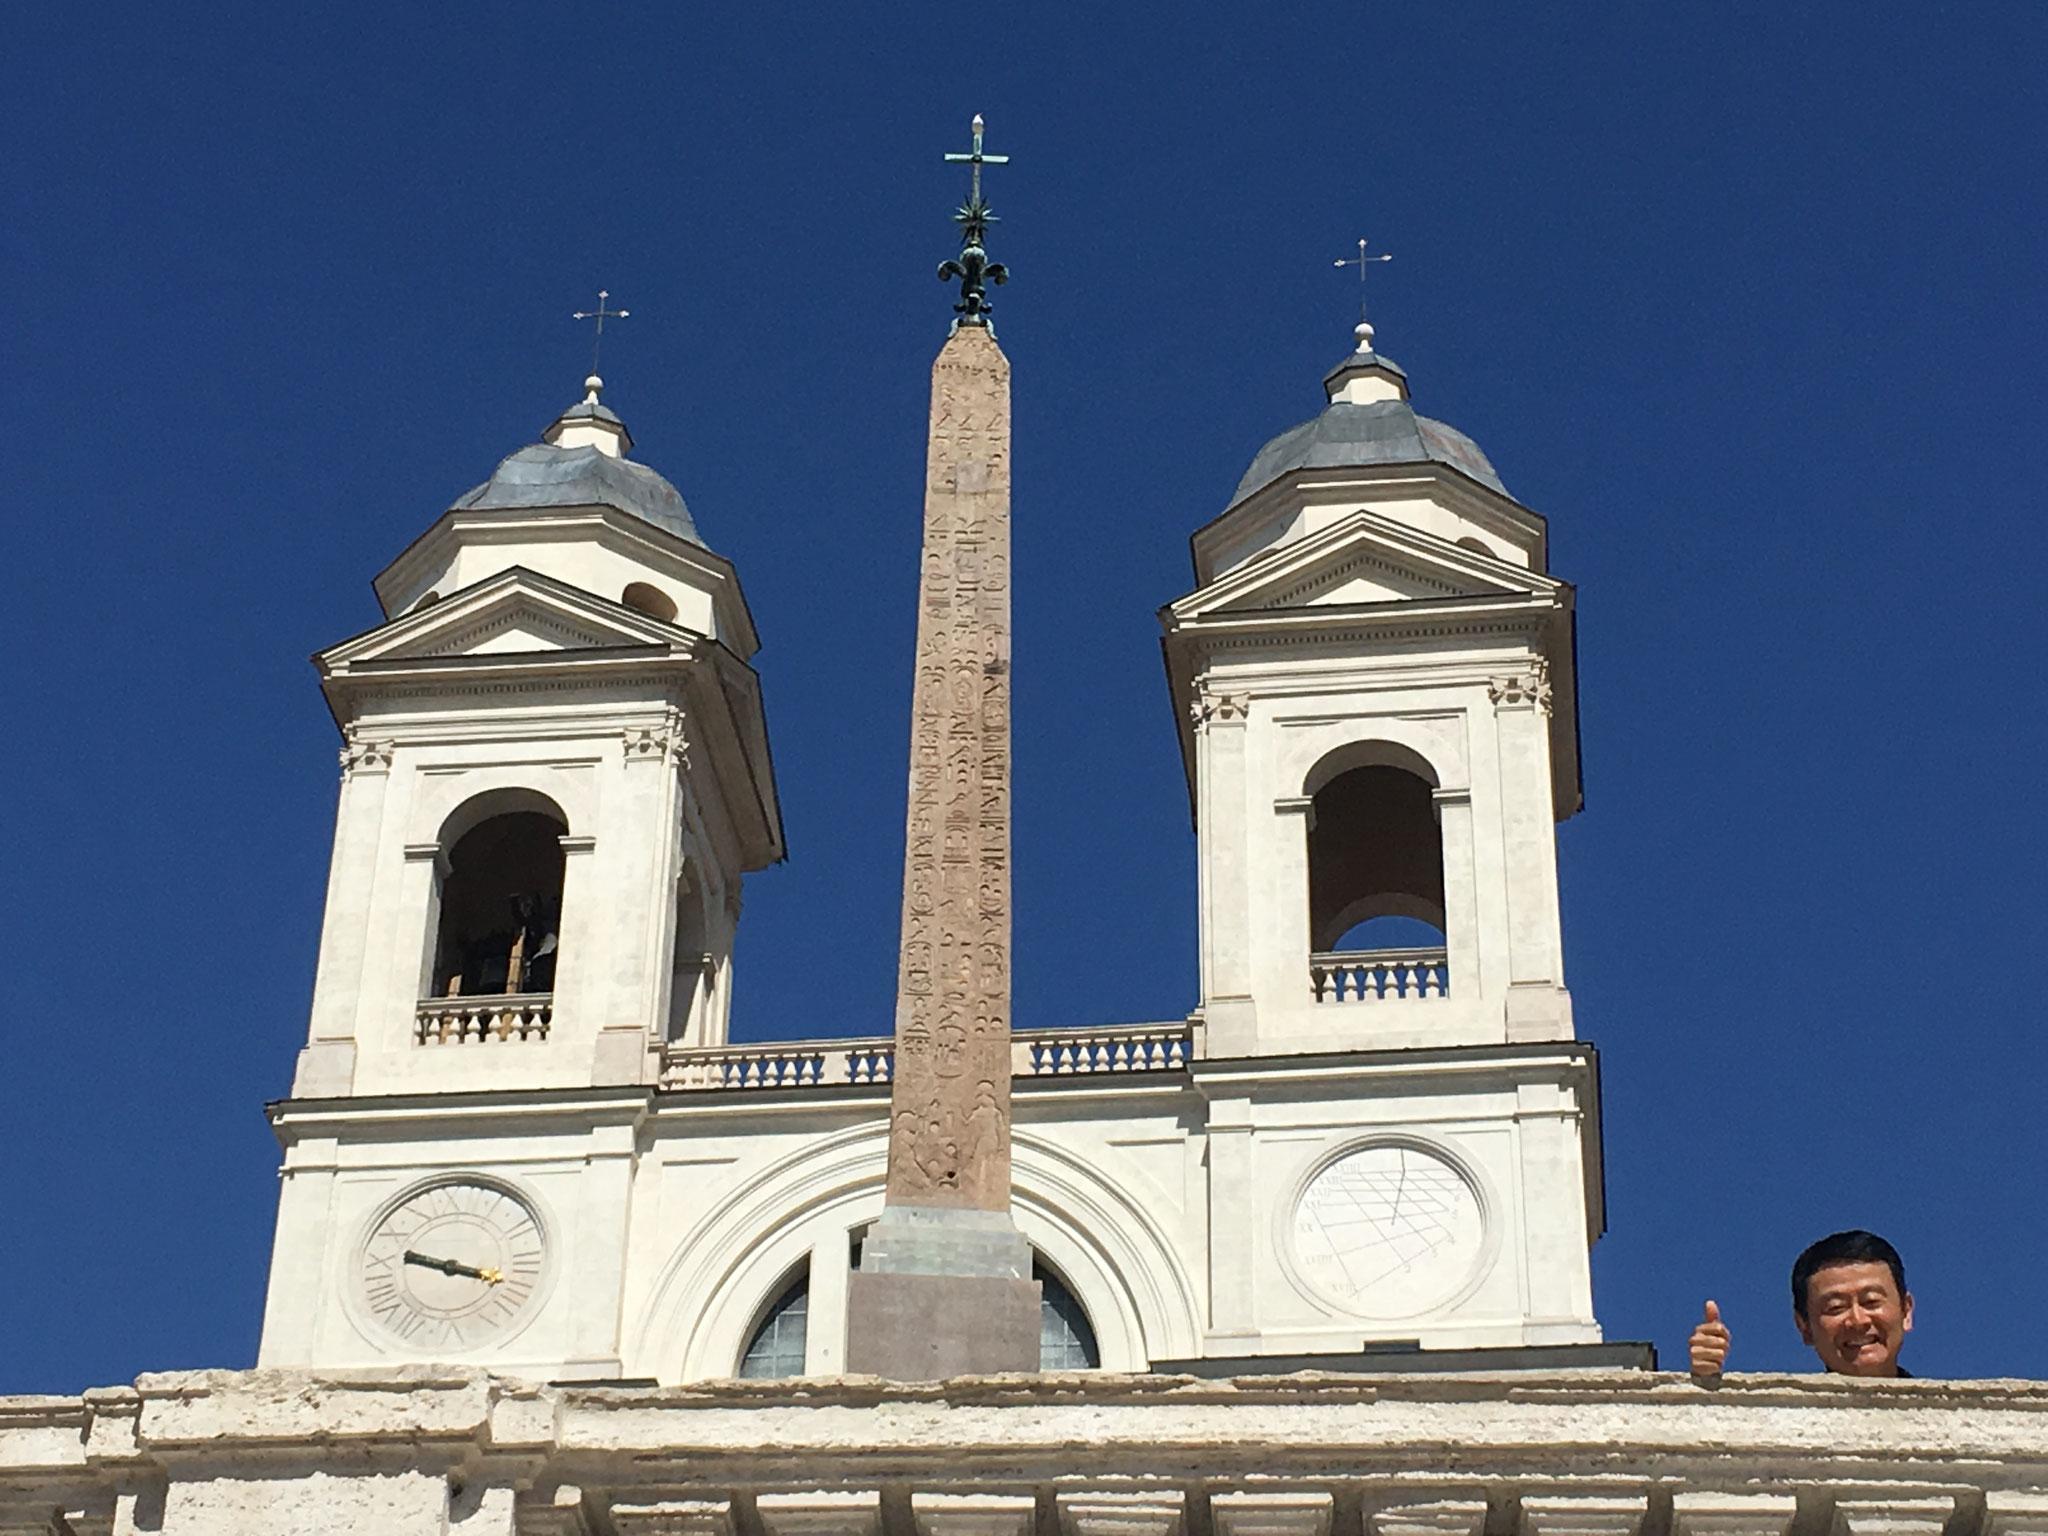 オベリスクは18世紀、法王ピウス6世が、巡礼者の道しるべとして建てました。